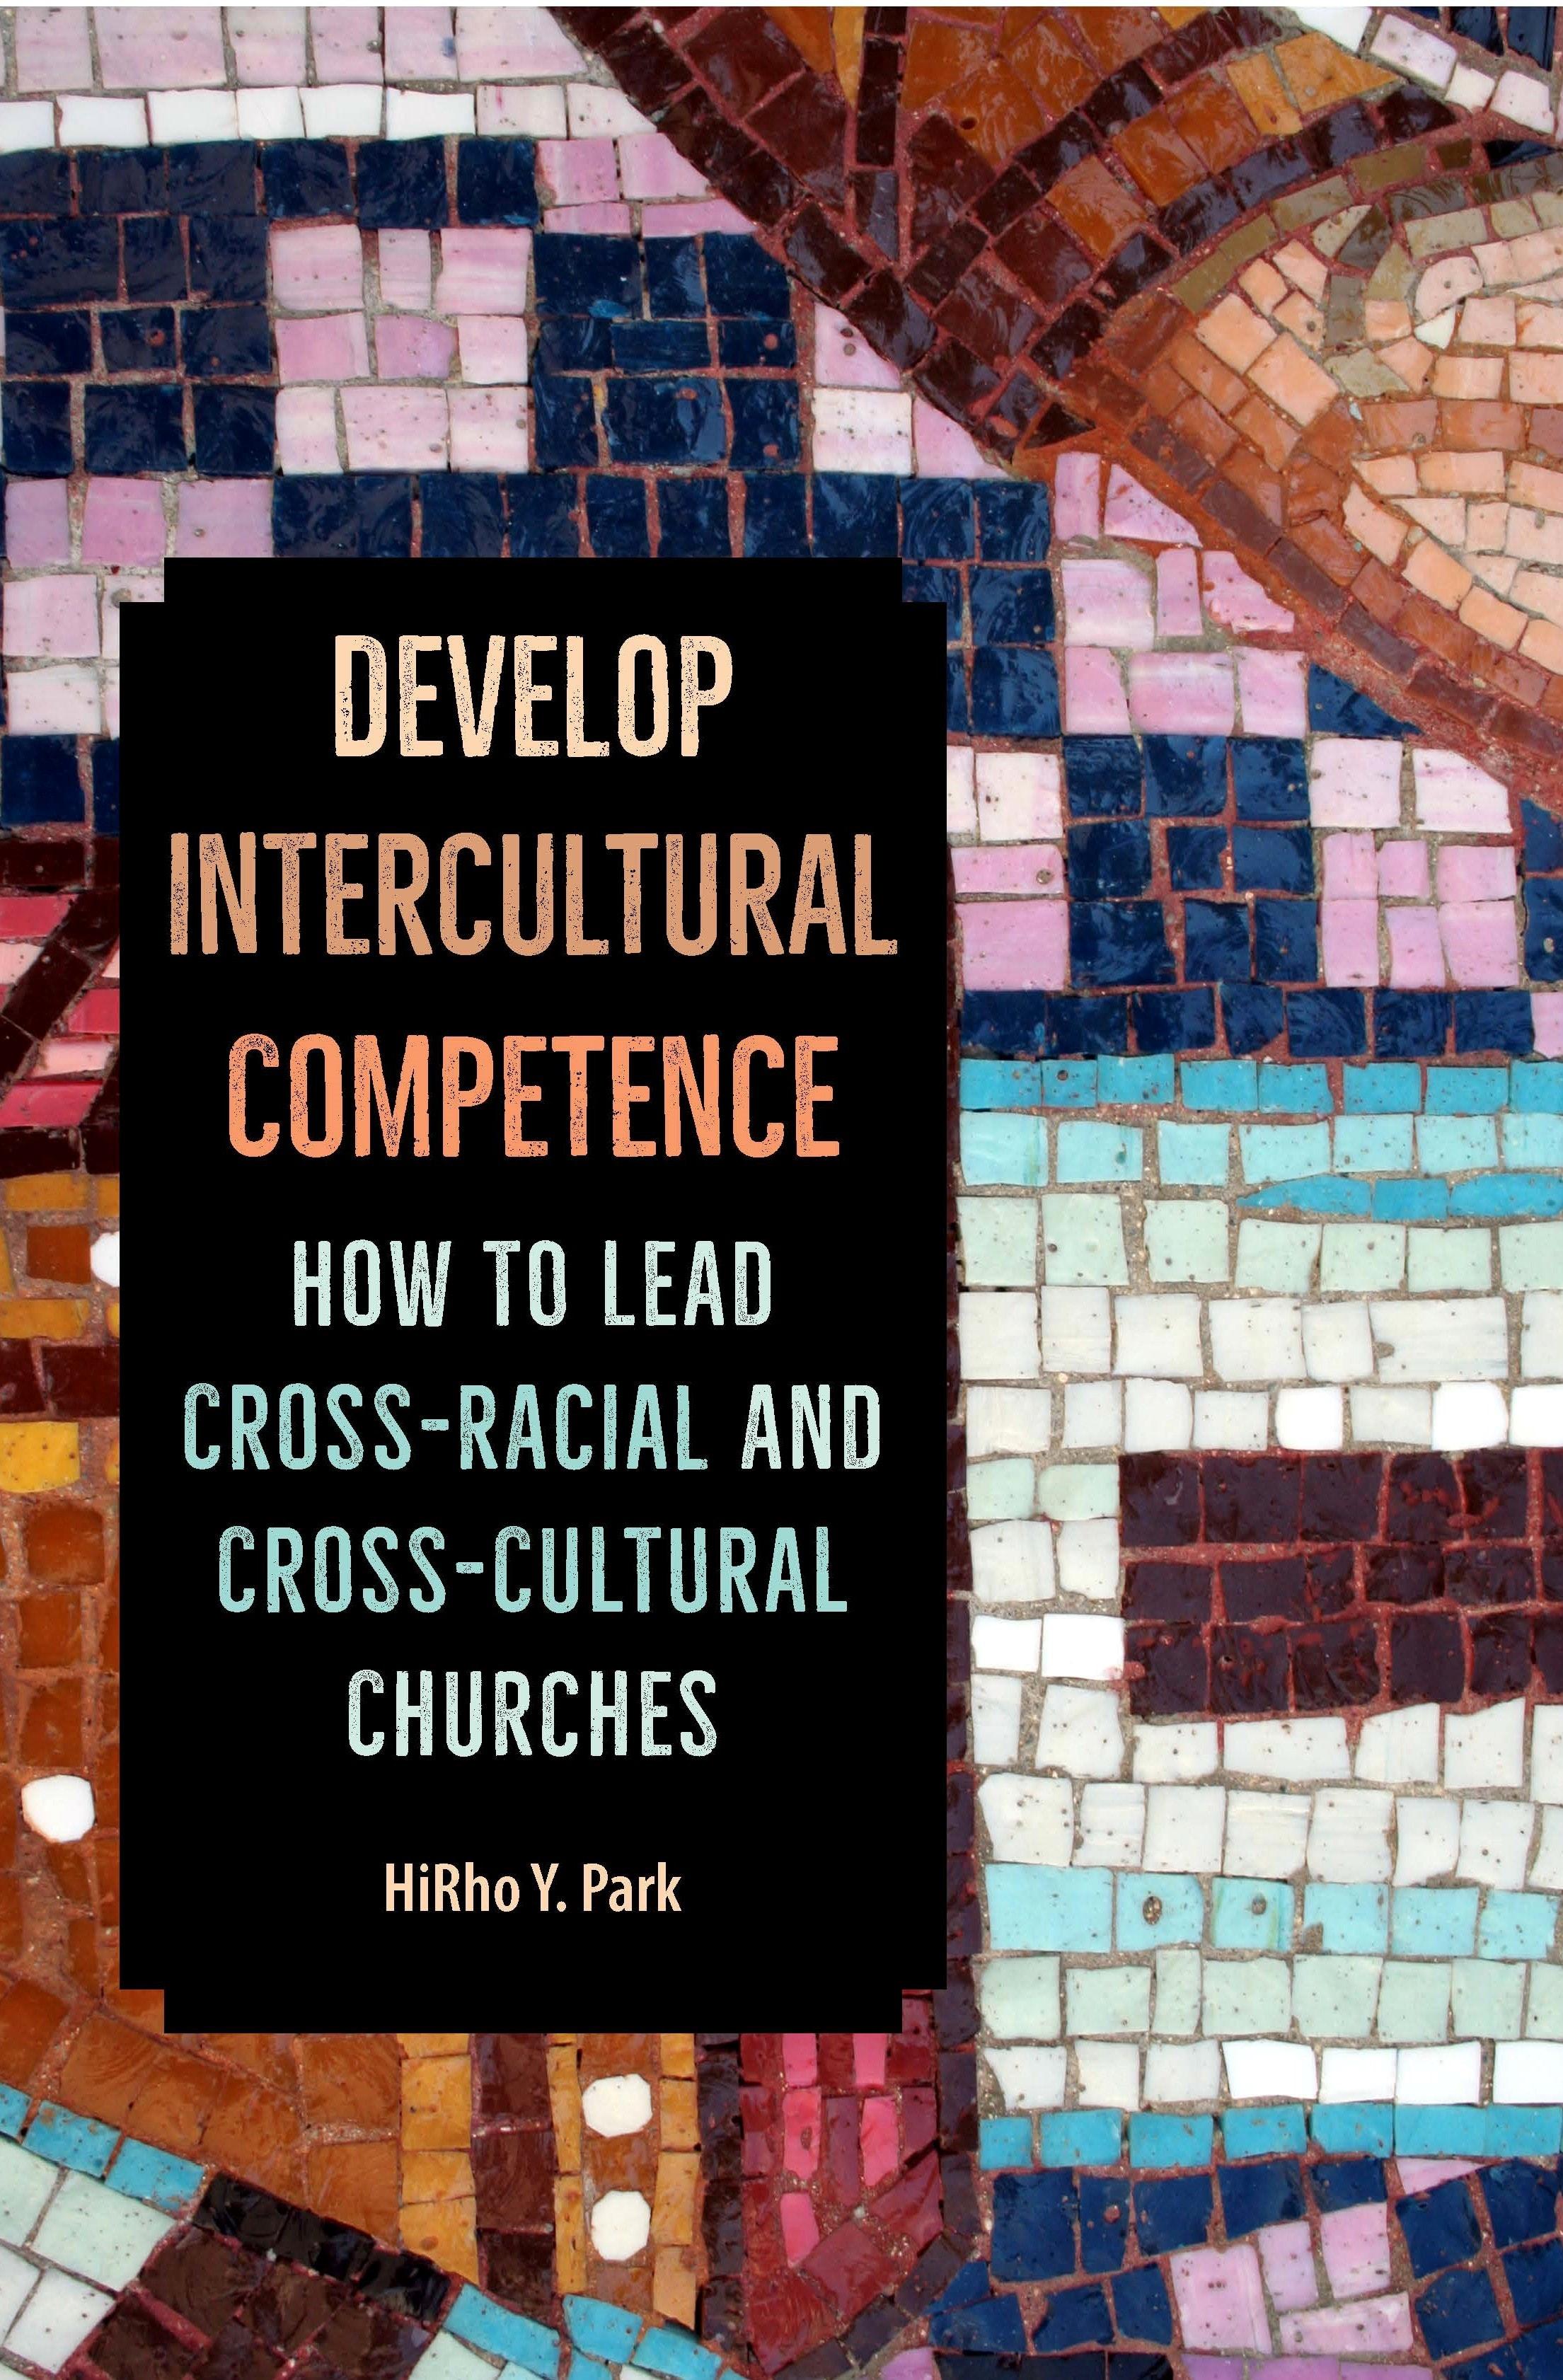 박희로 목사가 2018년 출간한 <Develop Intercultural Competence : How to Lead Cross-Racial and Cross-Cultural Churches> 책 표지, 사진 제공 고등교육사역부.